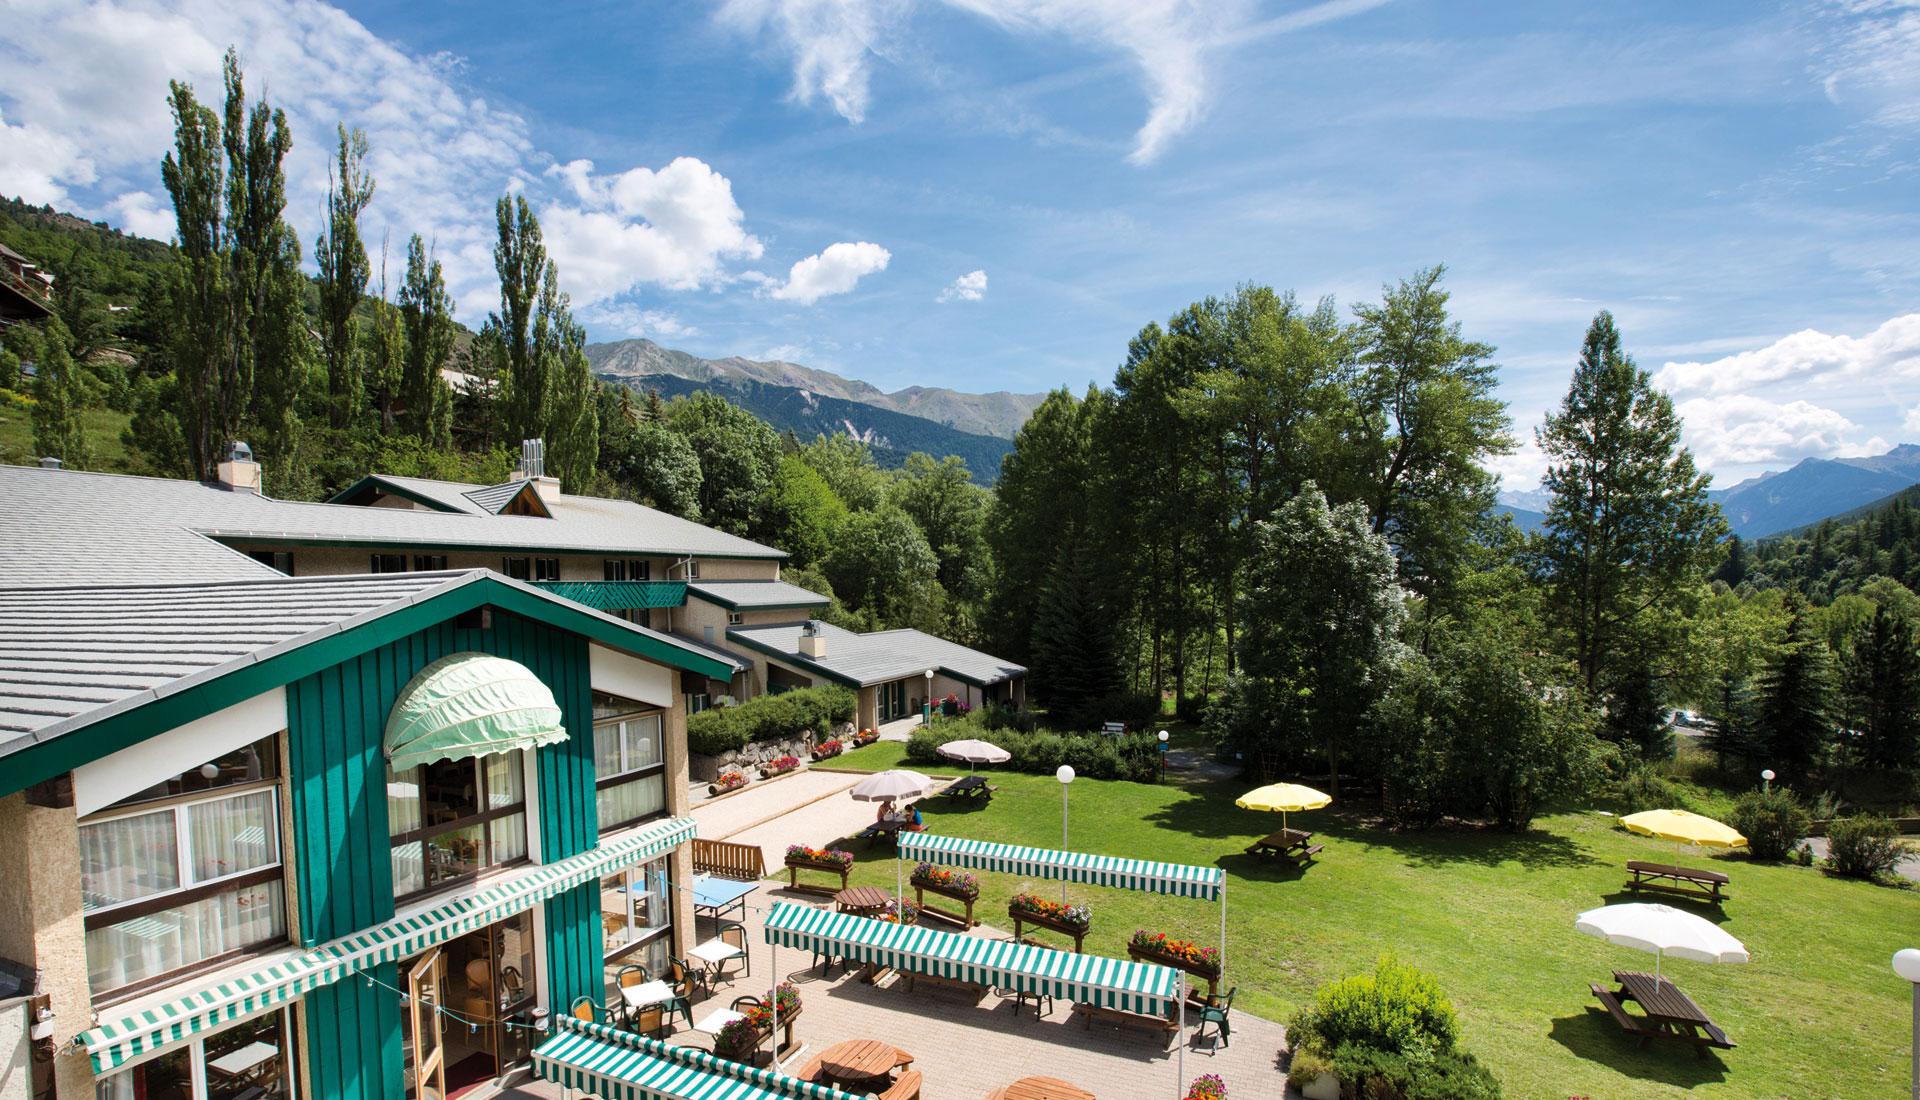 Les Alpes D'Azur, Club À Serre-Chevalier serapportantà Invitation Club Med Gym Pour Vos Amis